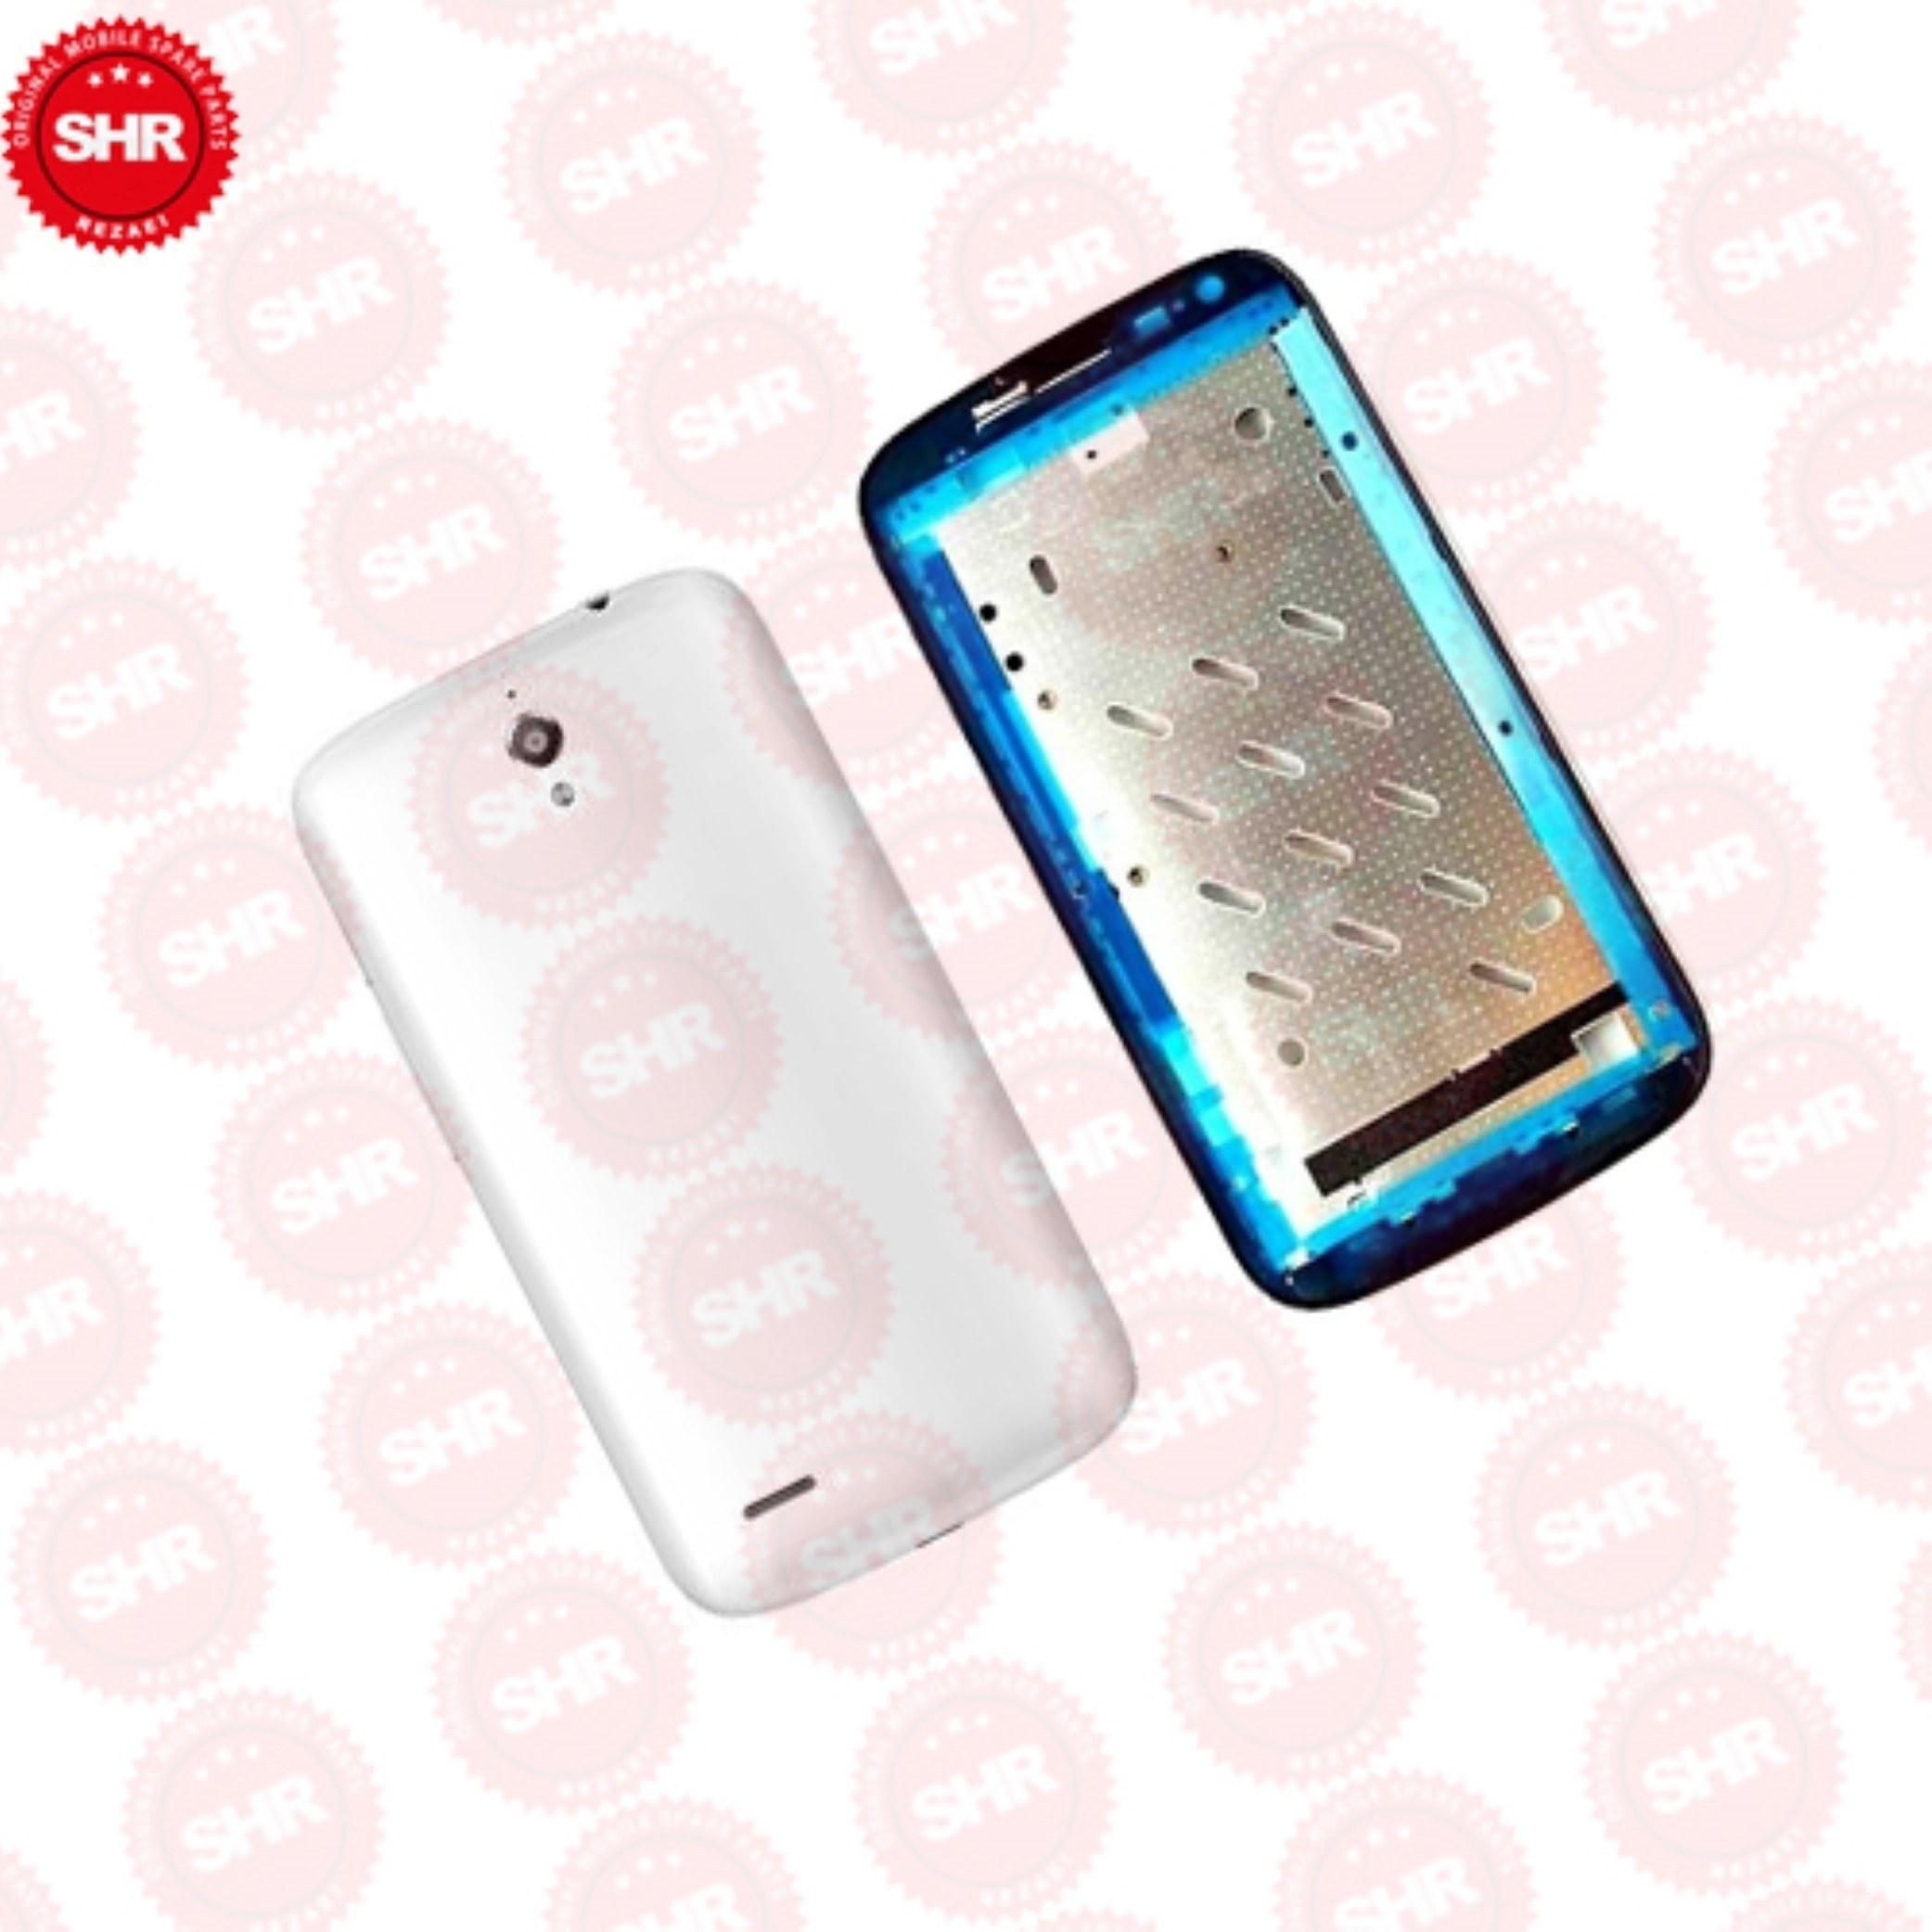 تصویر قاب و شاسی کامل گوشی Huawei Ascend G610 ا Full frame and chassis Huawei Ascend G610 Full frame and chassis Huawei Ascend G610